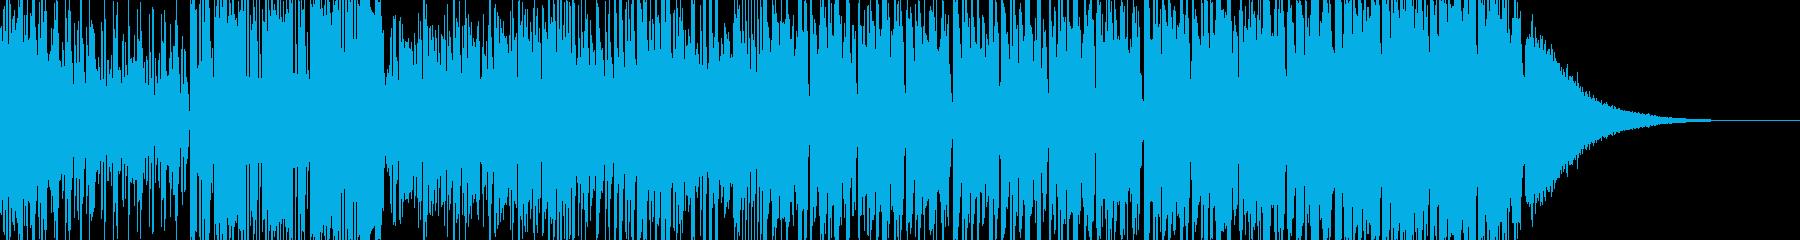 登場感・スピード感のある1分音源の再生済みの波形